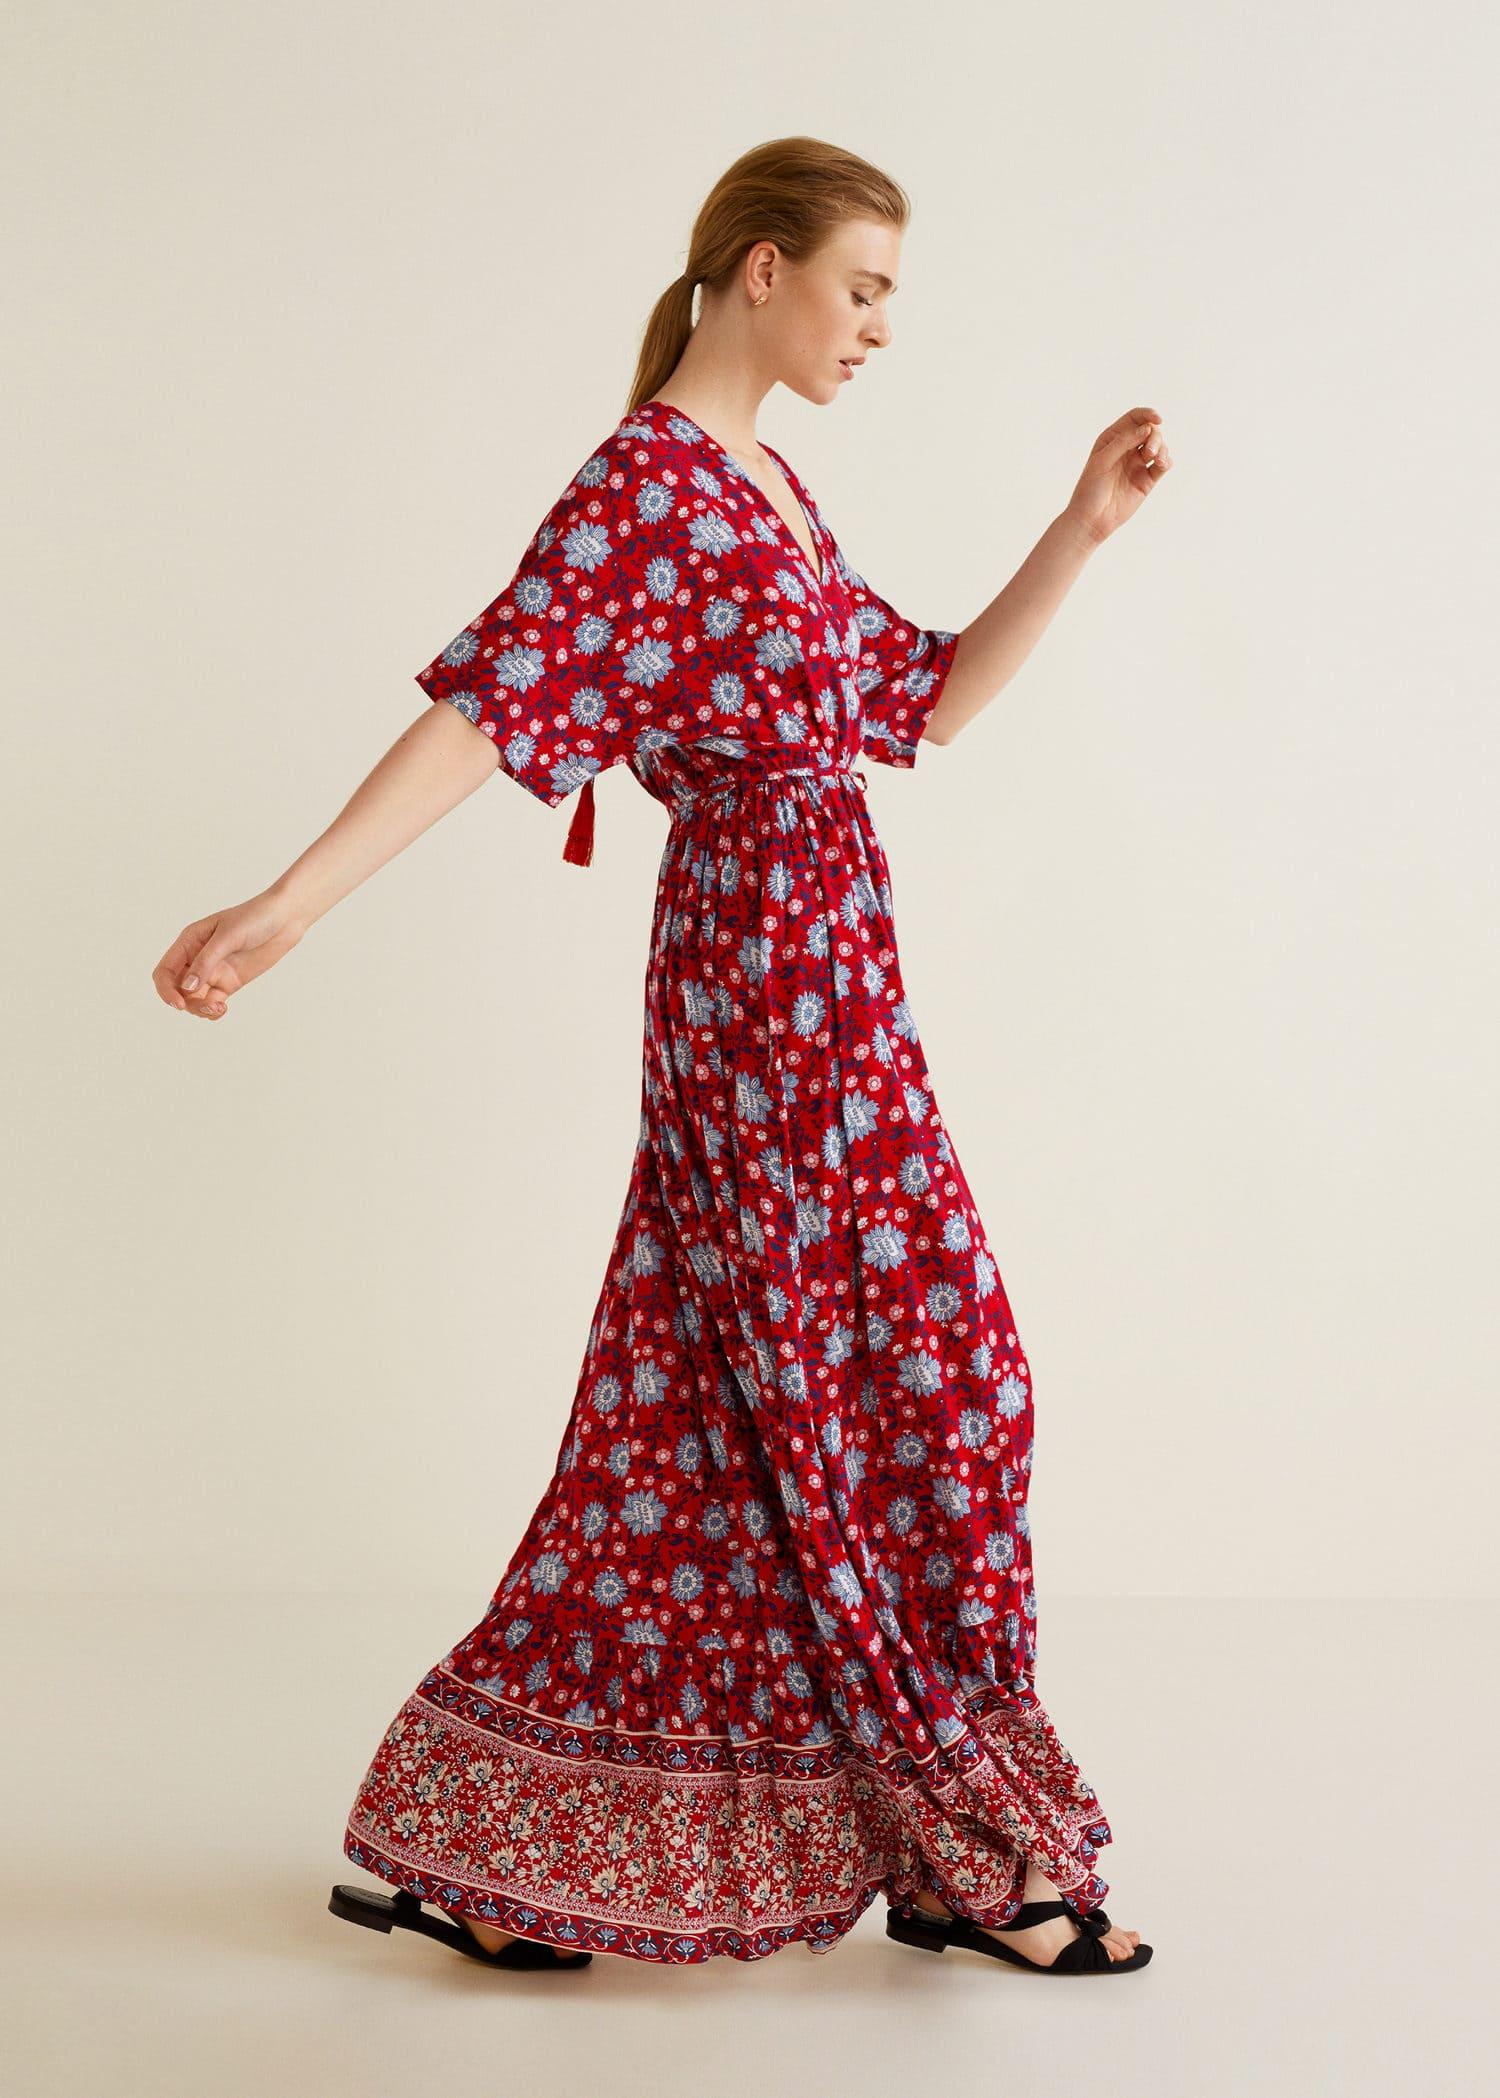 Dress Floral Print Long WomenMango Usa dxBrCeo